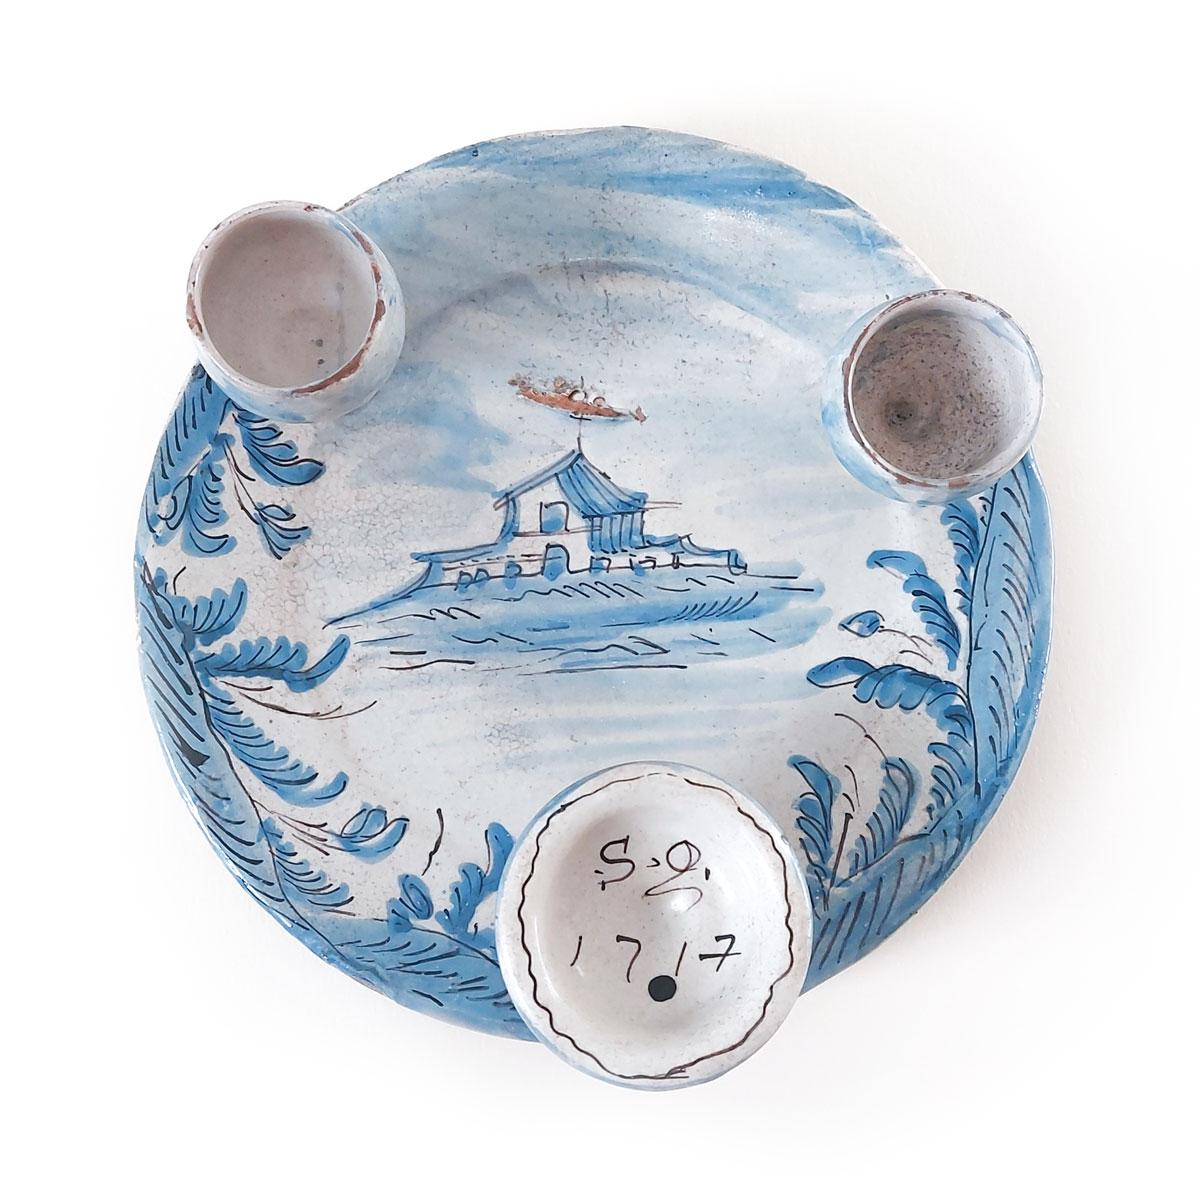 la ceramica di san quirico d'orcia, fornace san quirico, protagonisti